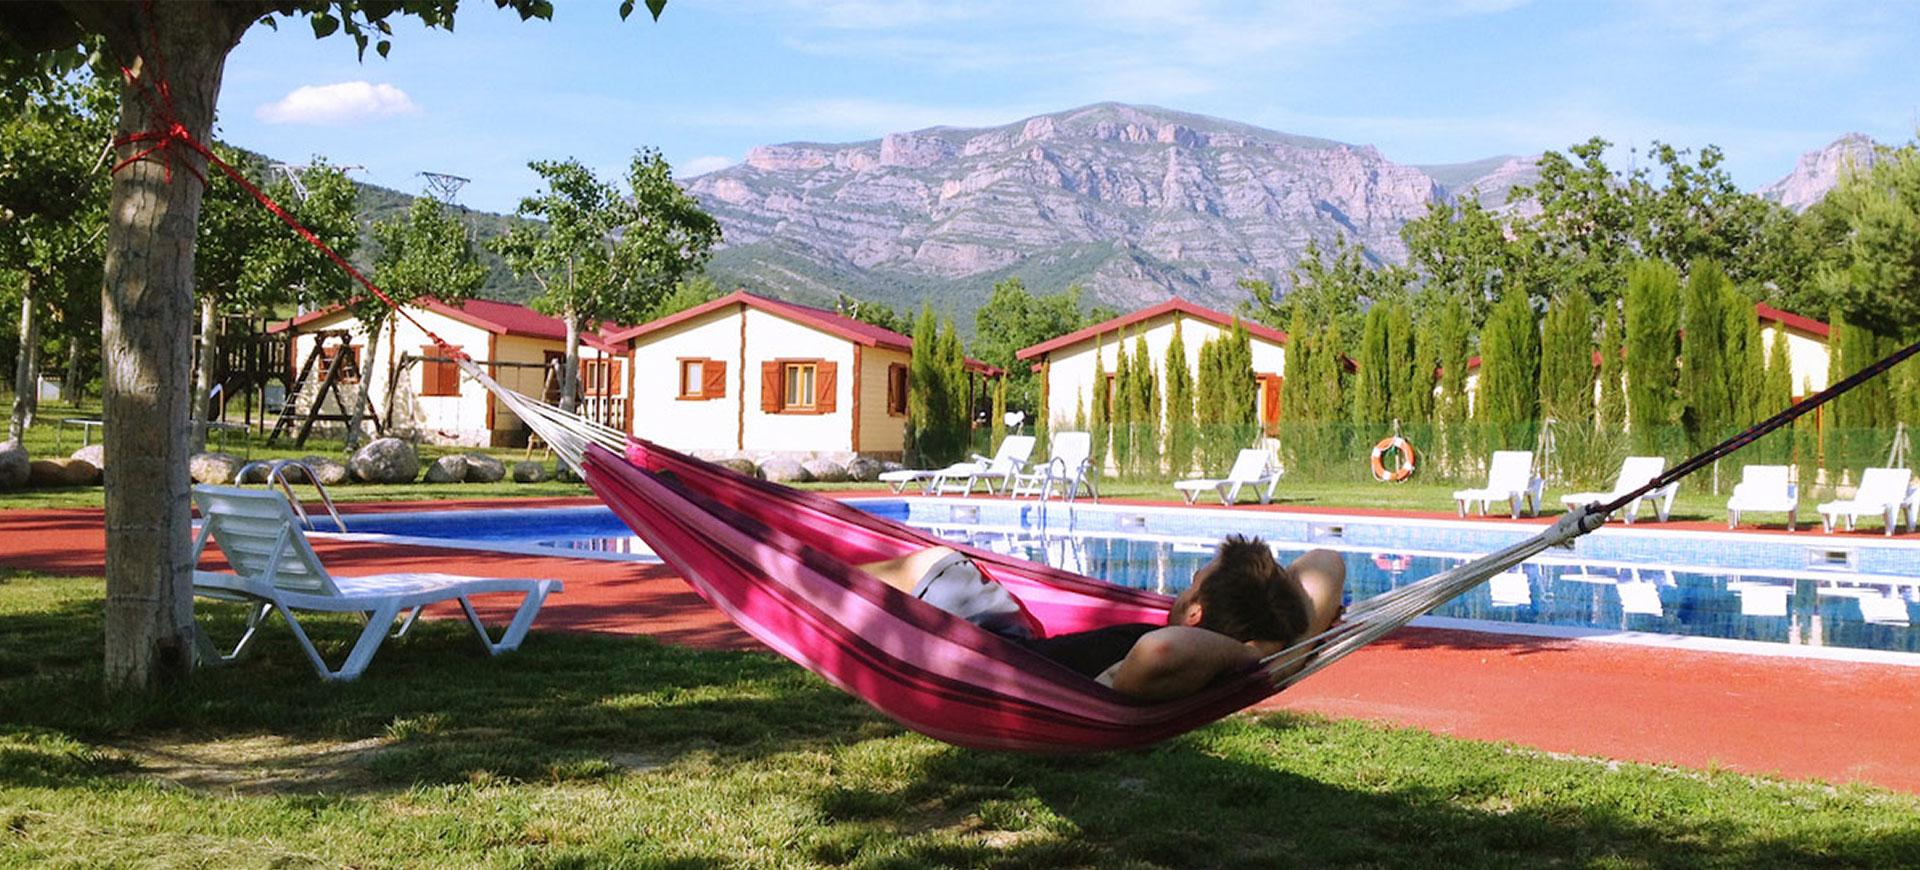 Camping in den spanischen Pyrenäen